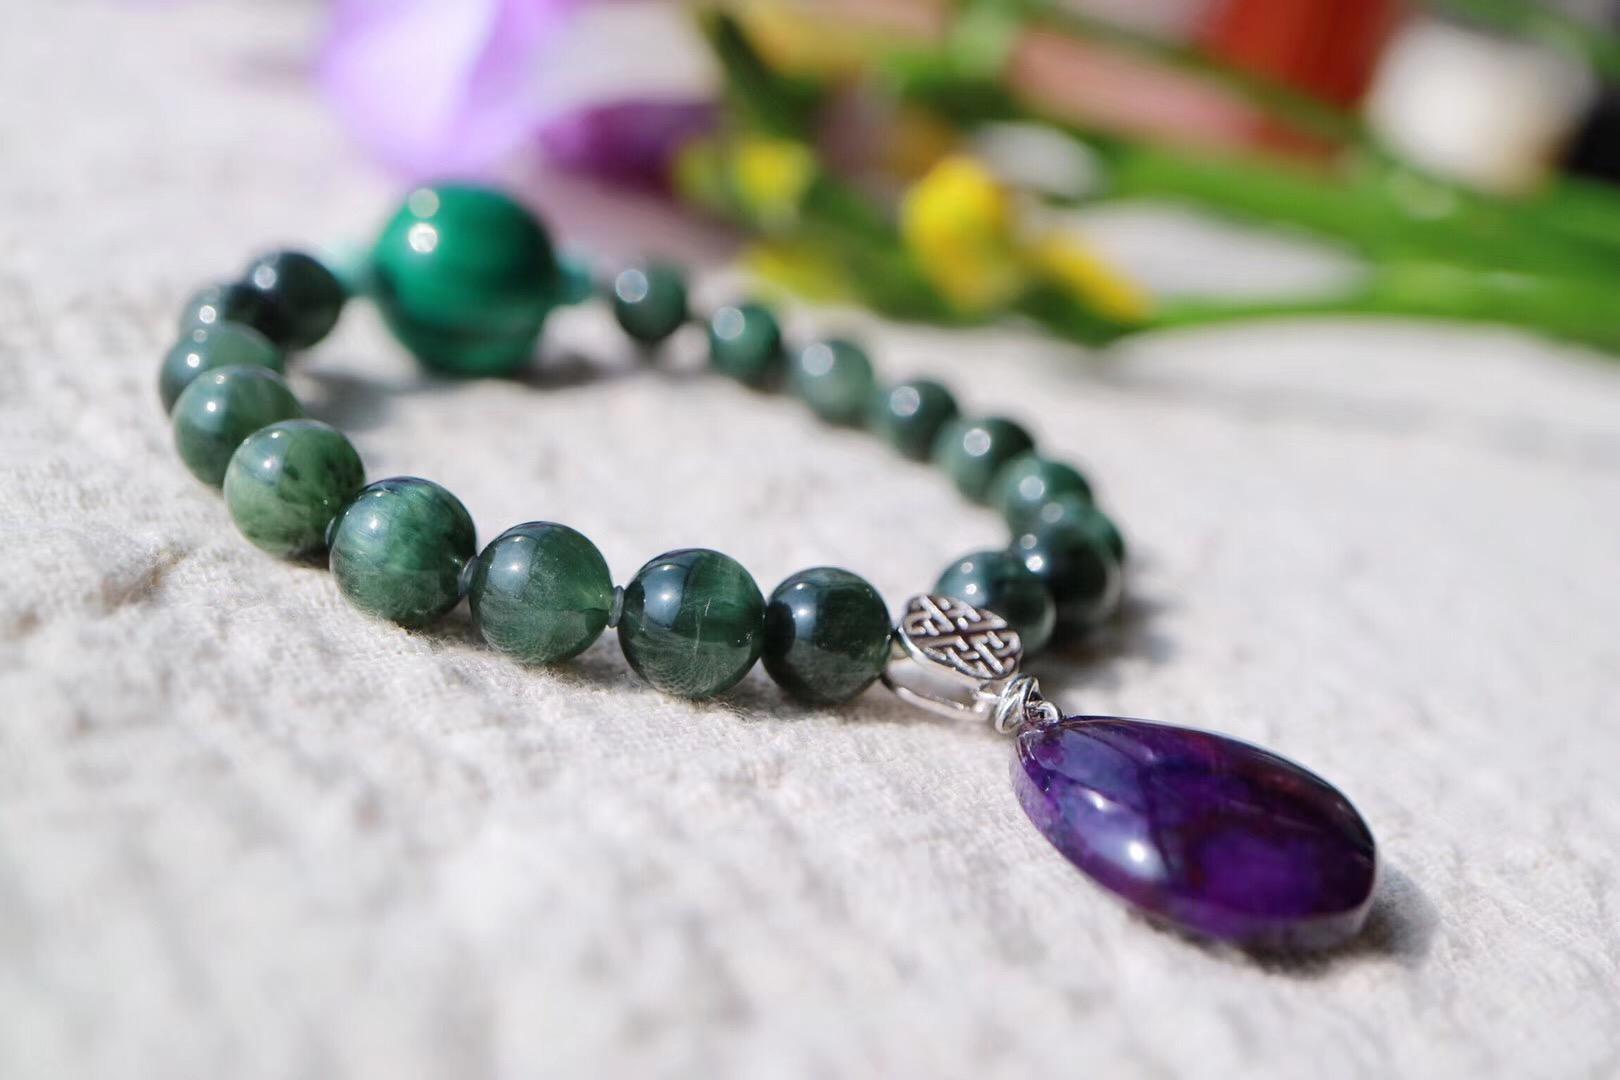 【菩心   绿发晶】压力大时可拿着绿发晶冥想绿光充满满身-菩心晶舍